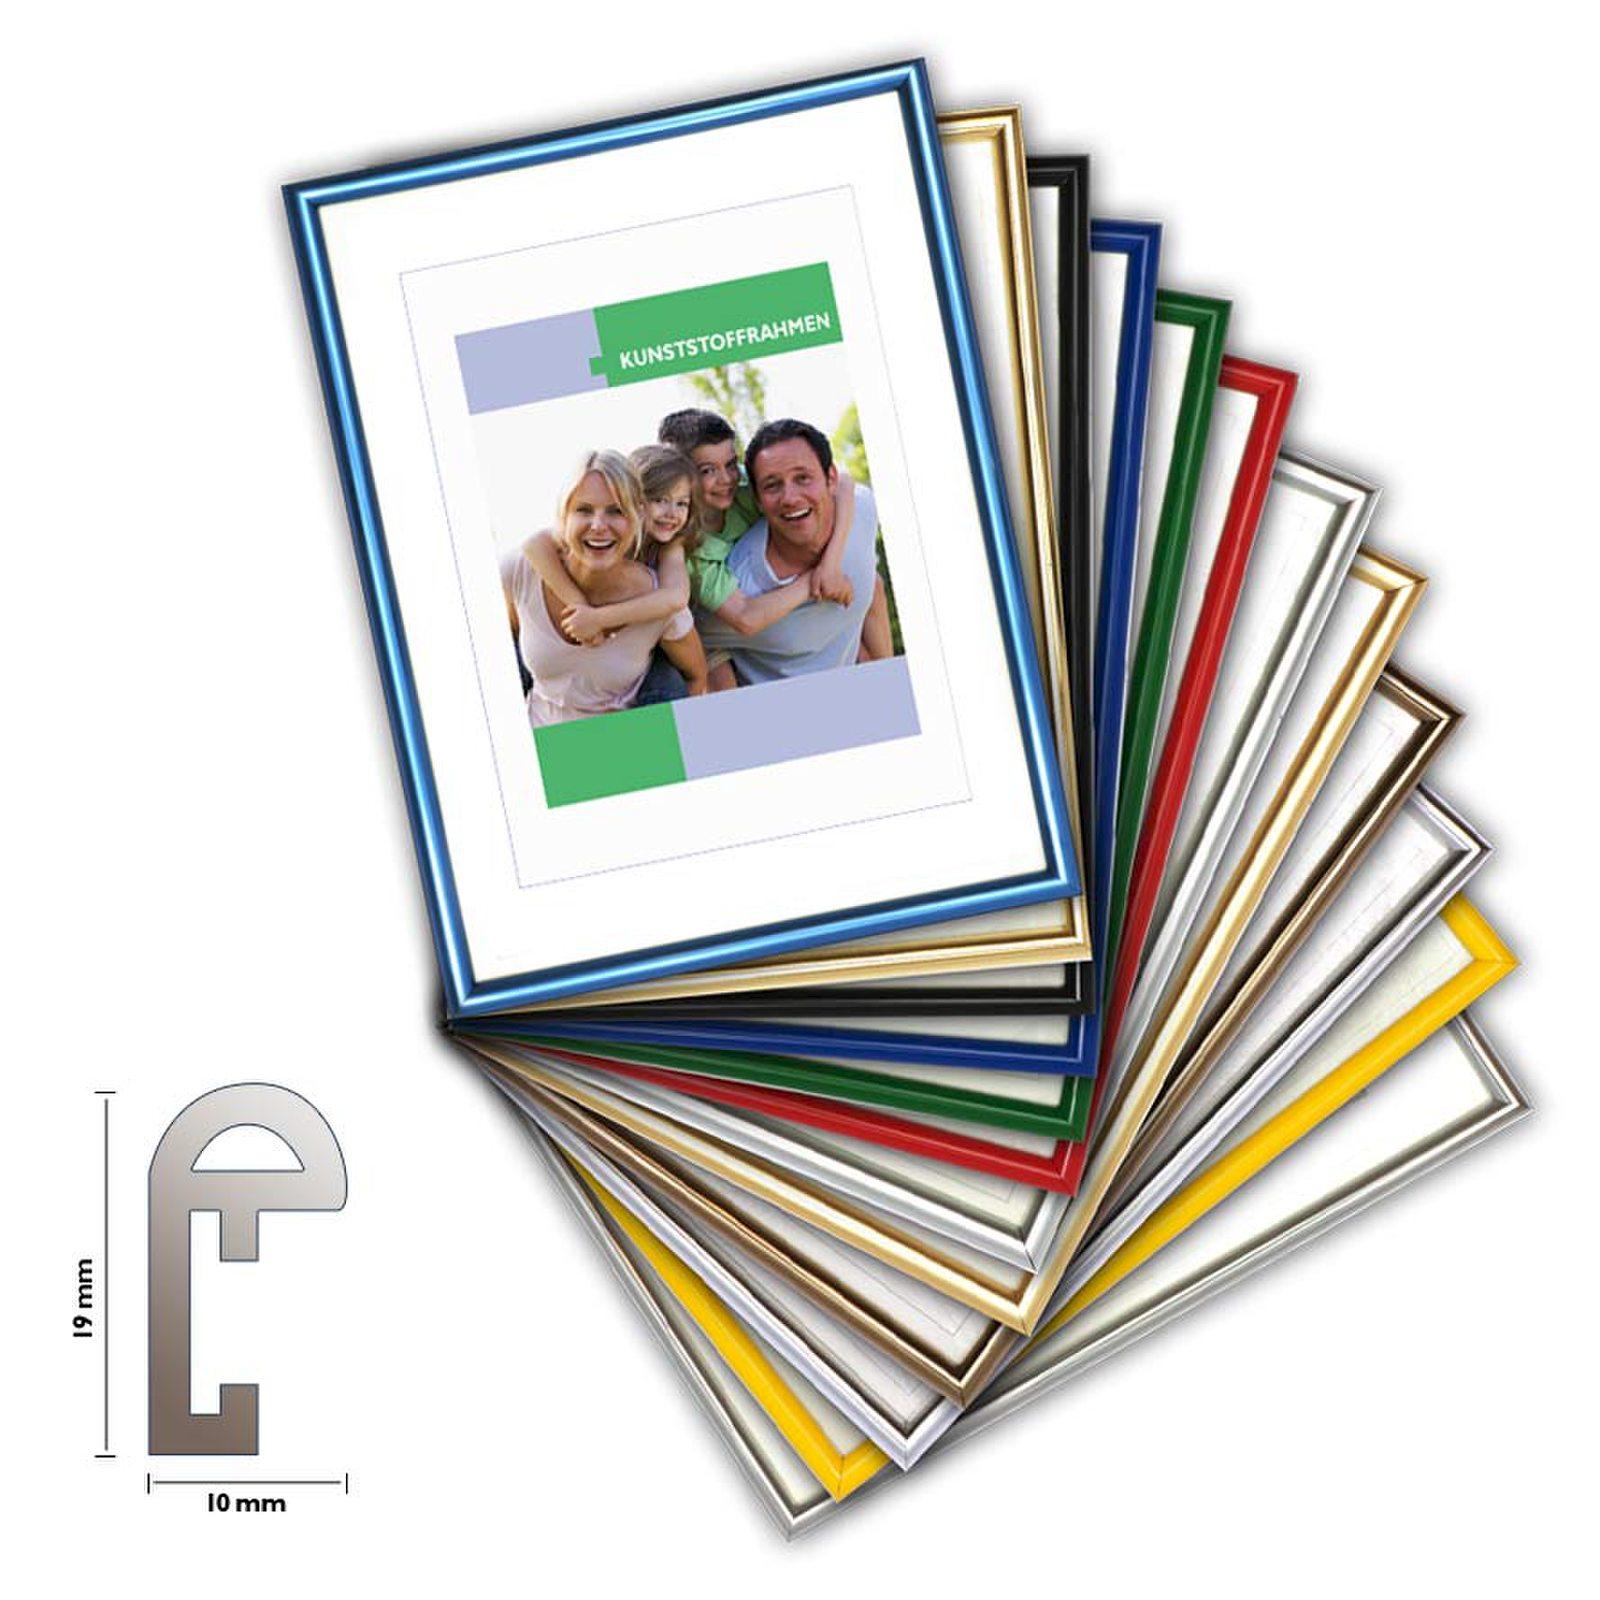 Kunststoffrahmen CLASSIC, Bilderrahmen kunststoff 14 Farben ...